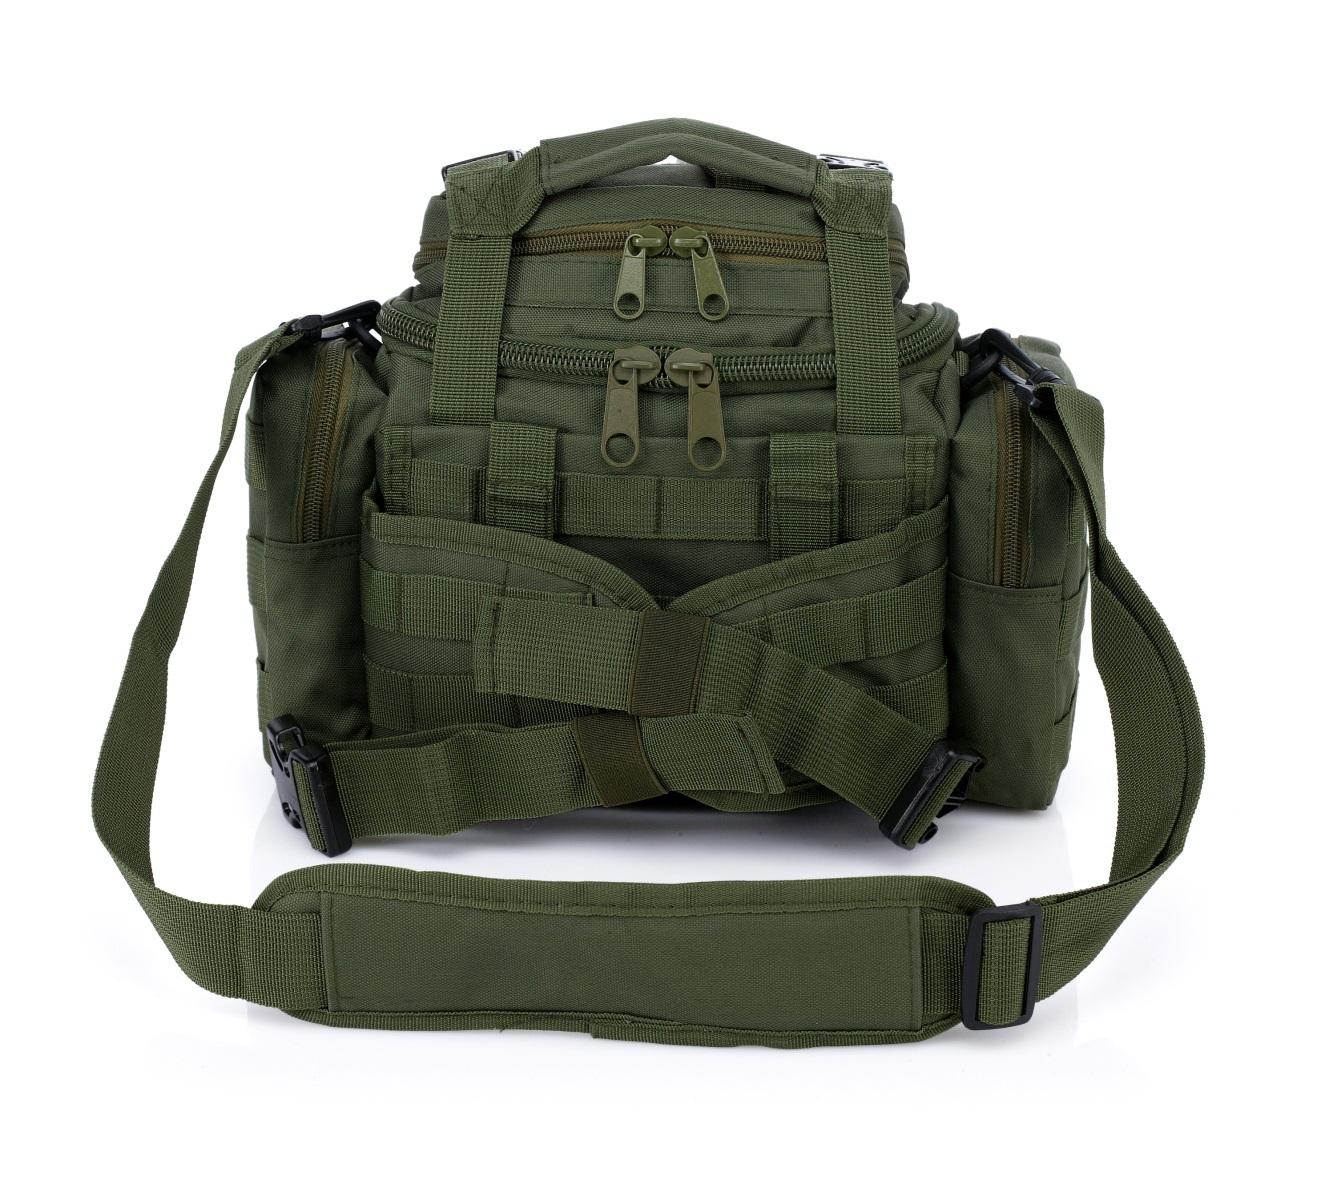 Мужская сумка на плечо с поясным креплением MOLLE оптом и в розницу